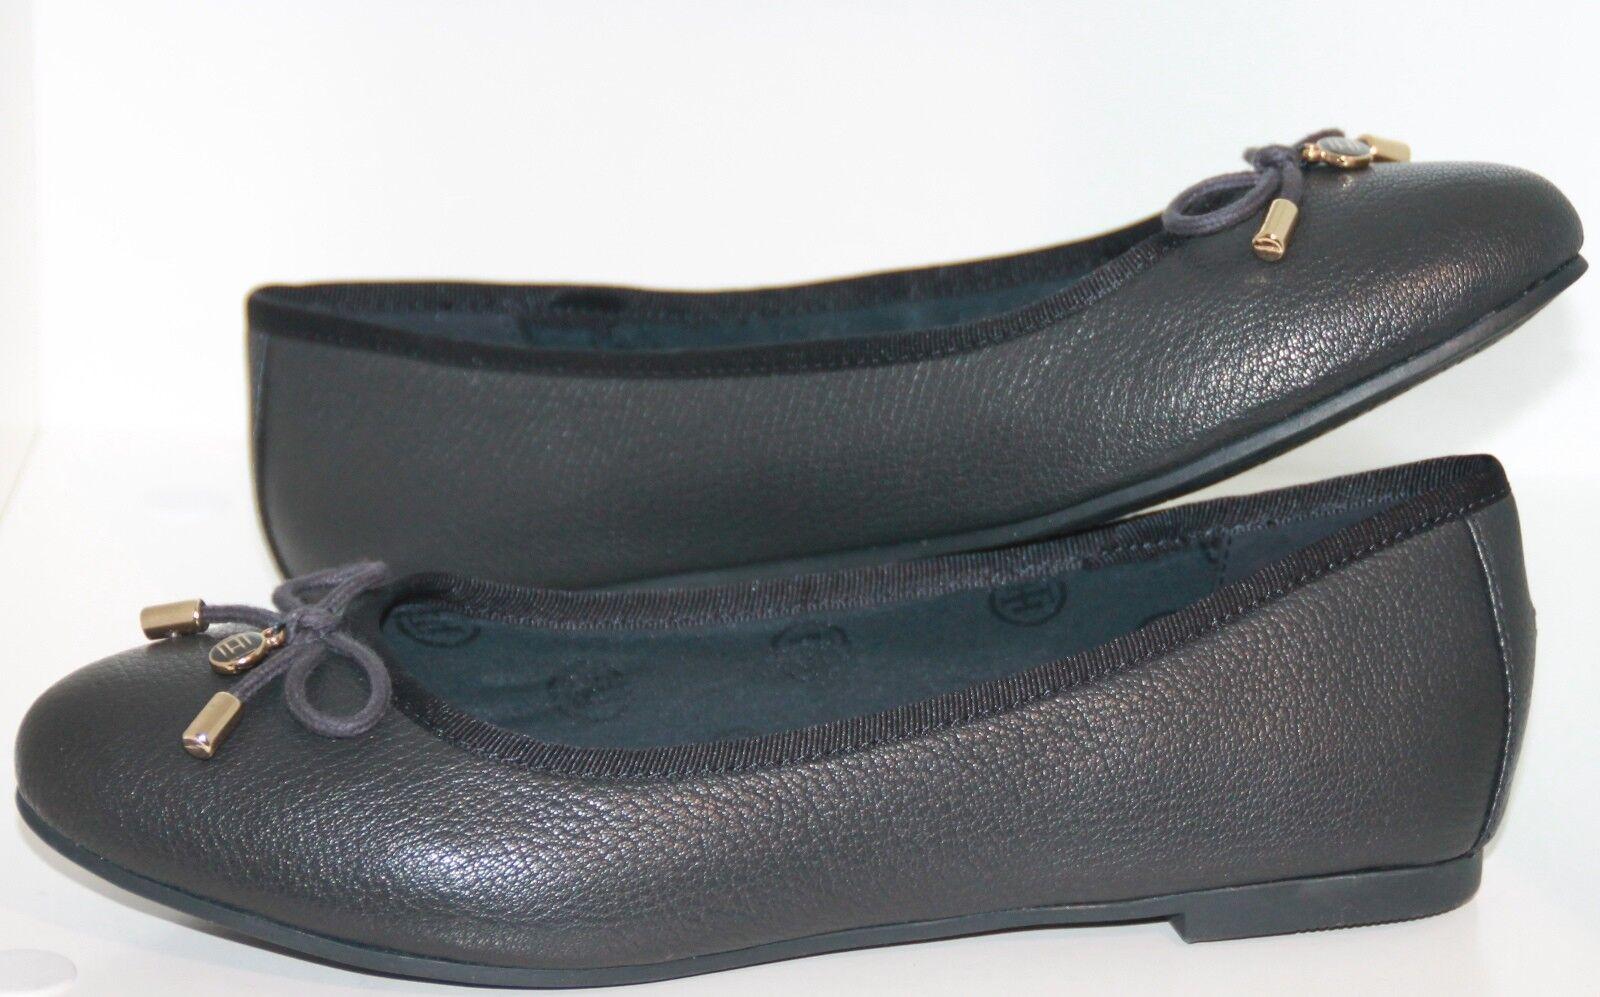 Sportivo Elegante Scarpa da donna di 39 Tommy Hilfiger grigio misura 39 di NUOVO 77d4c9